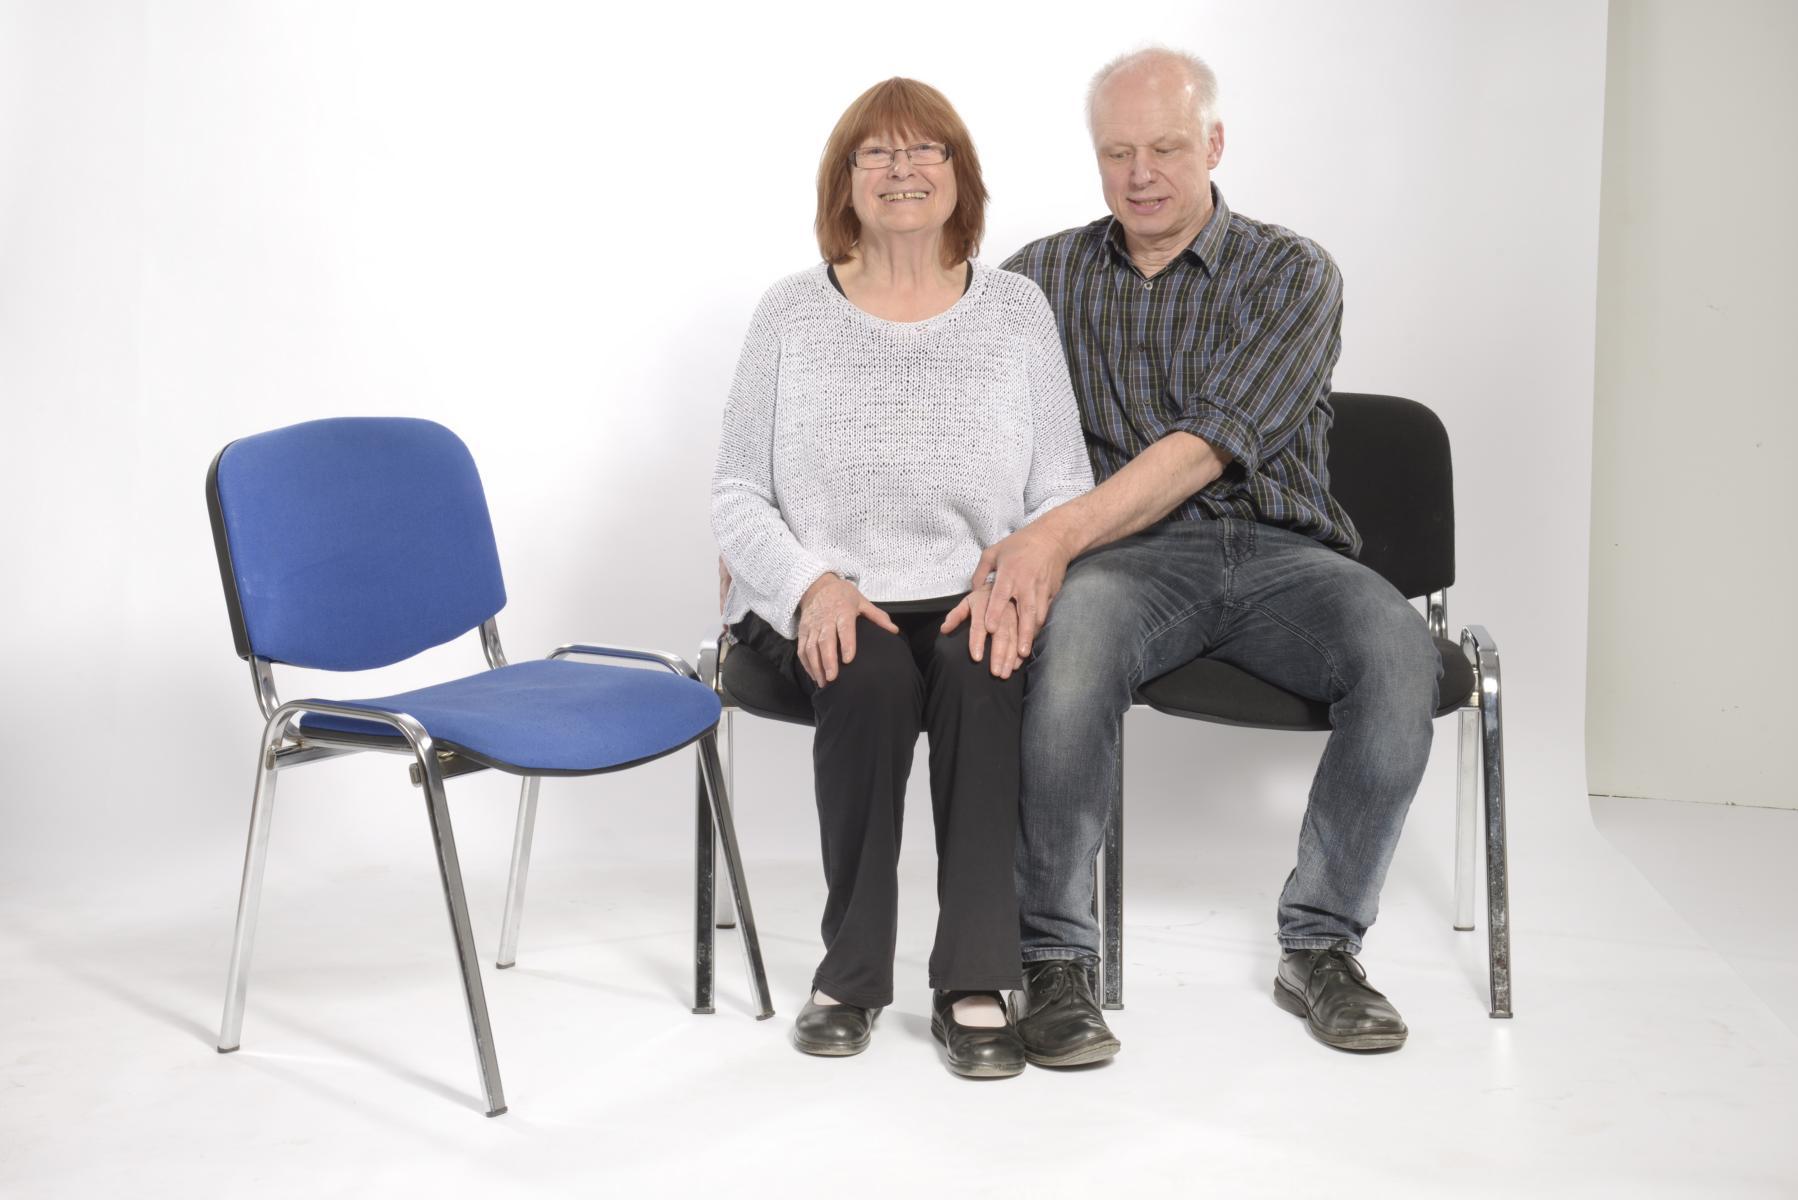 1. Beide Personen haben ständig Kontakt über Beine und Becken. Die rechte Hand der Pflegekraft liegt hinten auf dem Beckenrand der zu mobilisierenden Person, die linke Hand auf deren Handrücken.